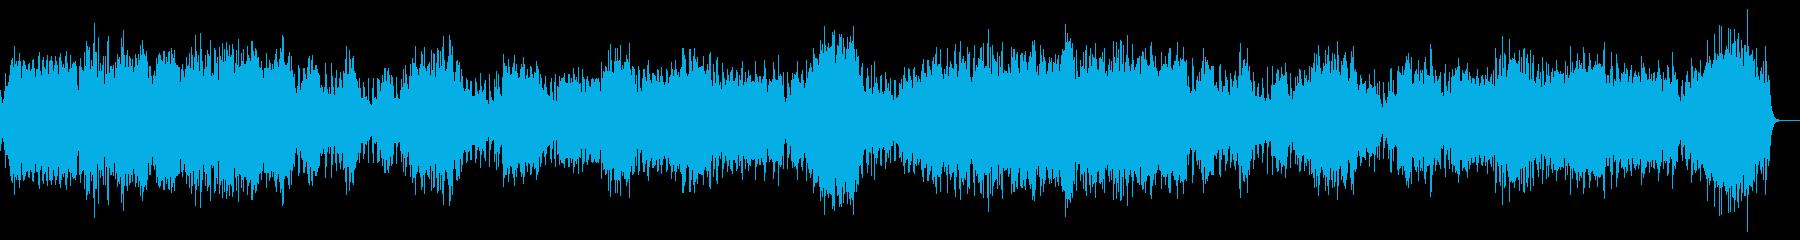 闇の恐怖感を演出 ピアノ ストリングスの再生済みの波形